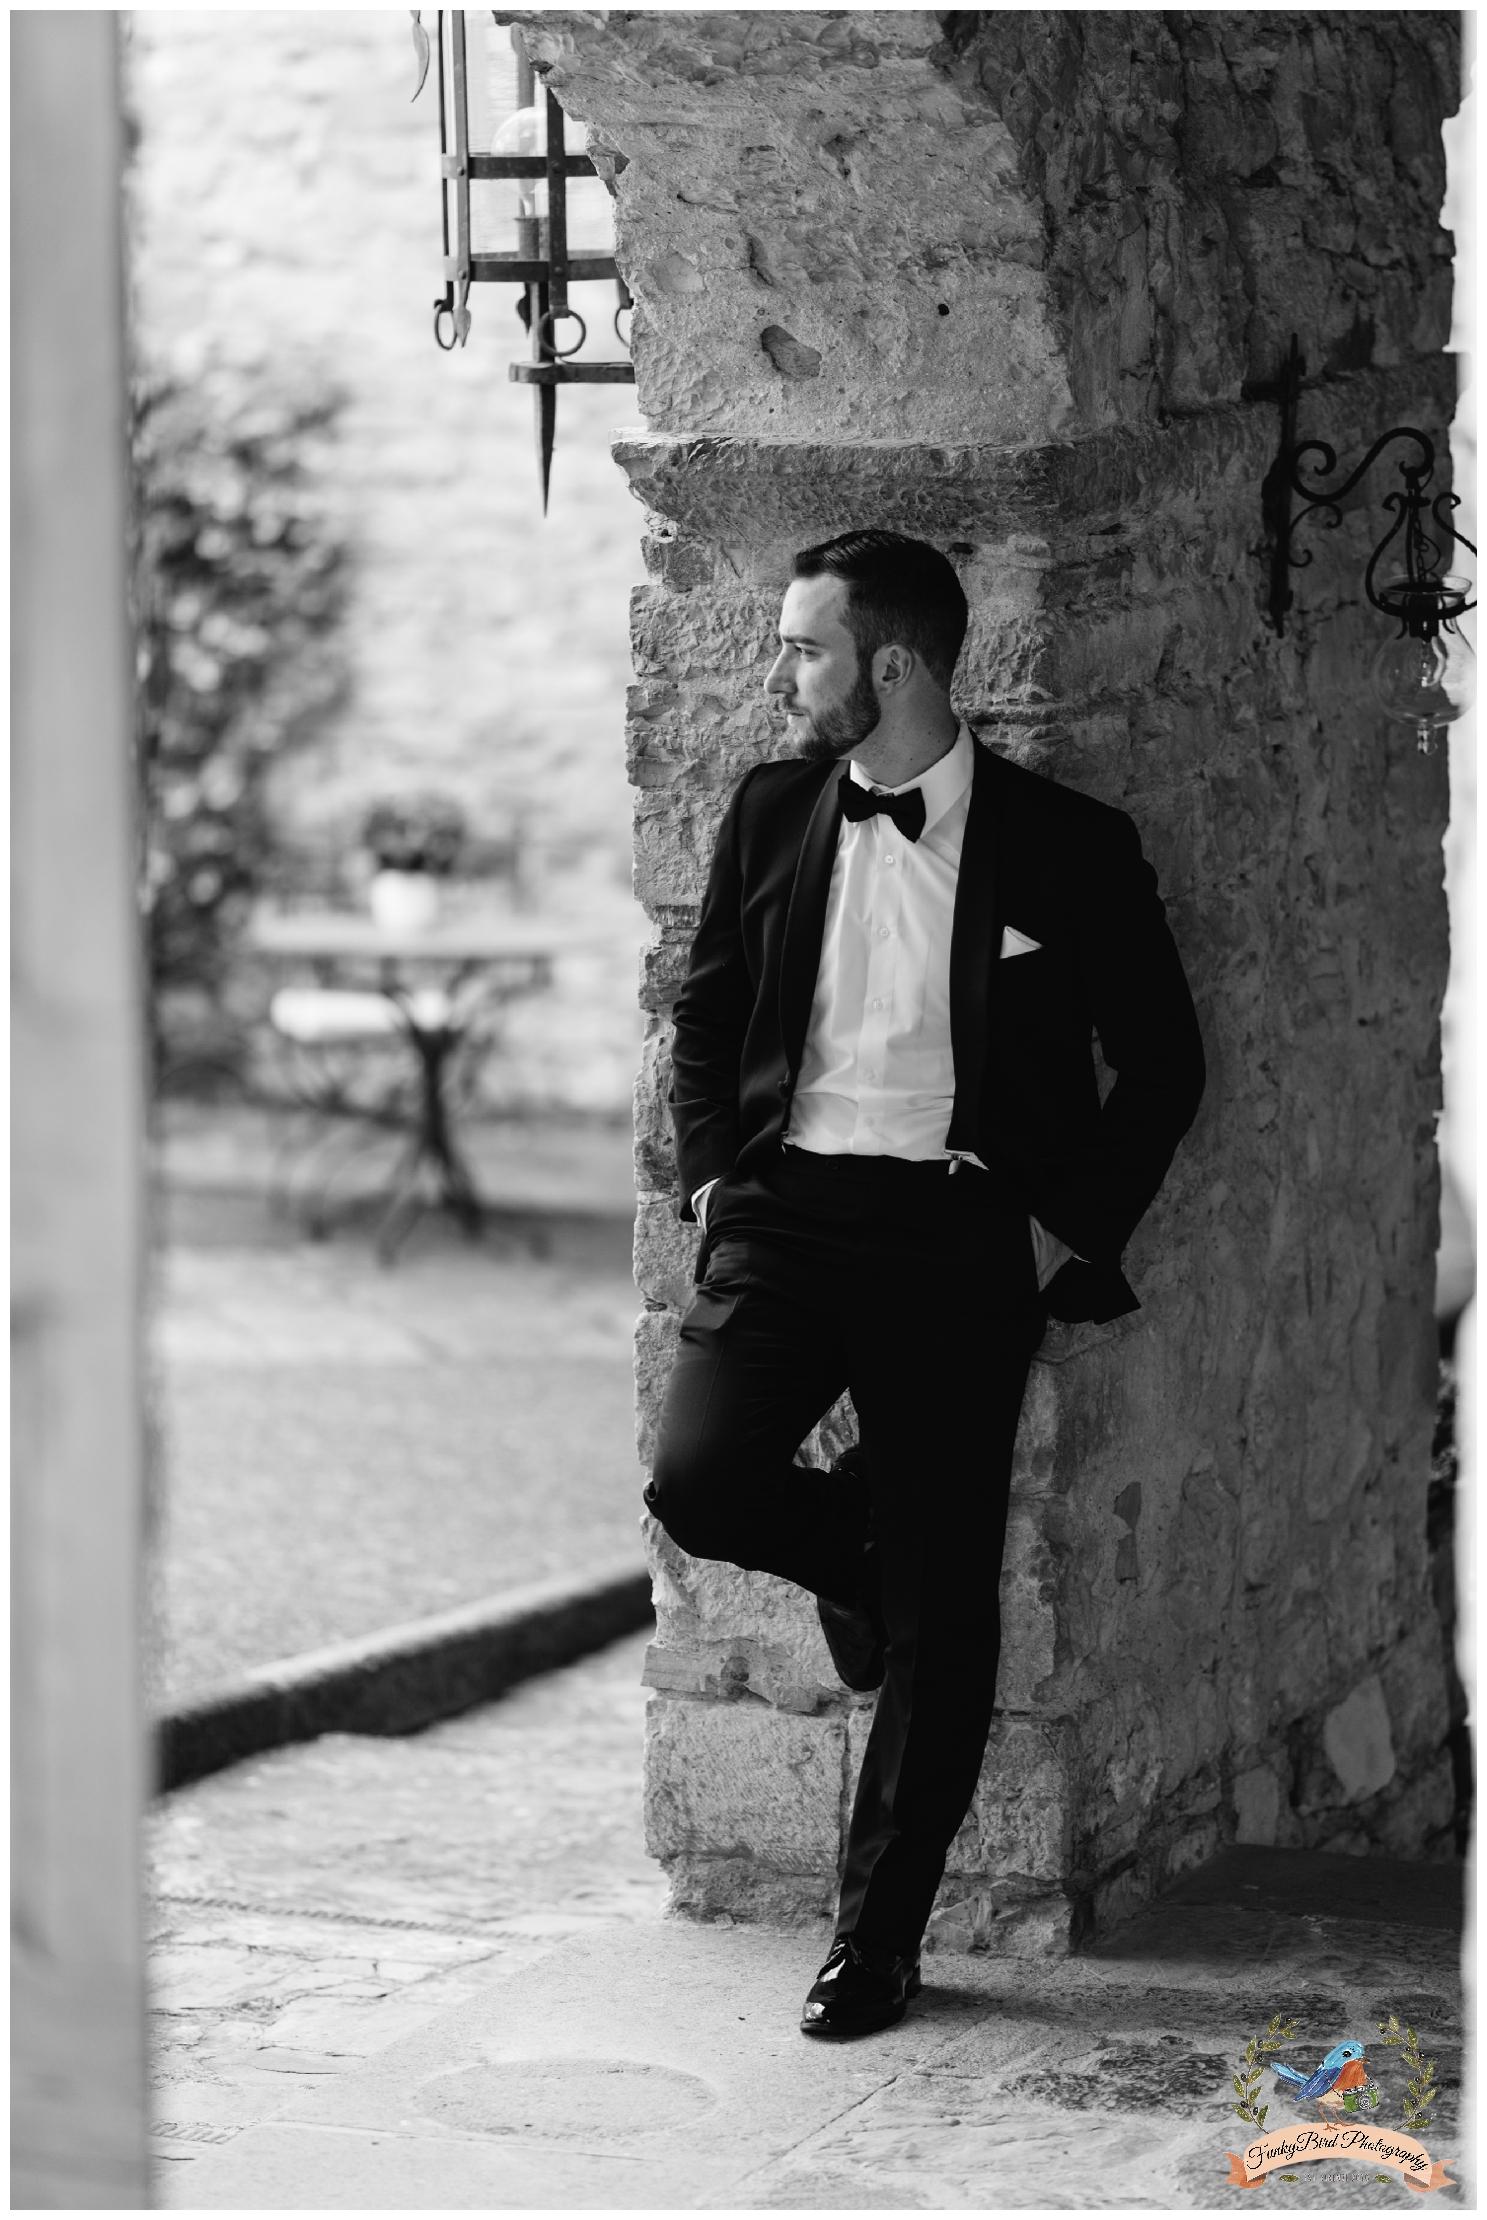 Best Wedding Photographer in Tuscany, Best Wedding Photographer in Florence, Wedding Photographer Siena, Italian Wedding Photographer Tuscany, Wedding in Tuscany, Wedding in Florence, Wedding in Italy, Castello di Spaltenna , bruidsfotografie, bruidsfotograaf, bruidsfotograaf amsterdam, concept weddings nl